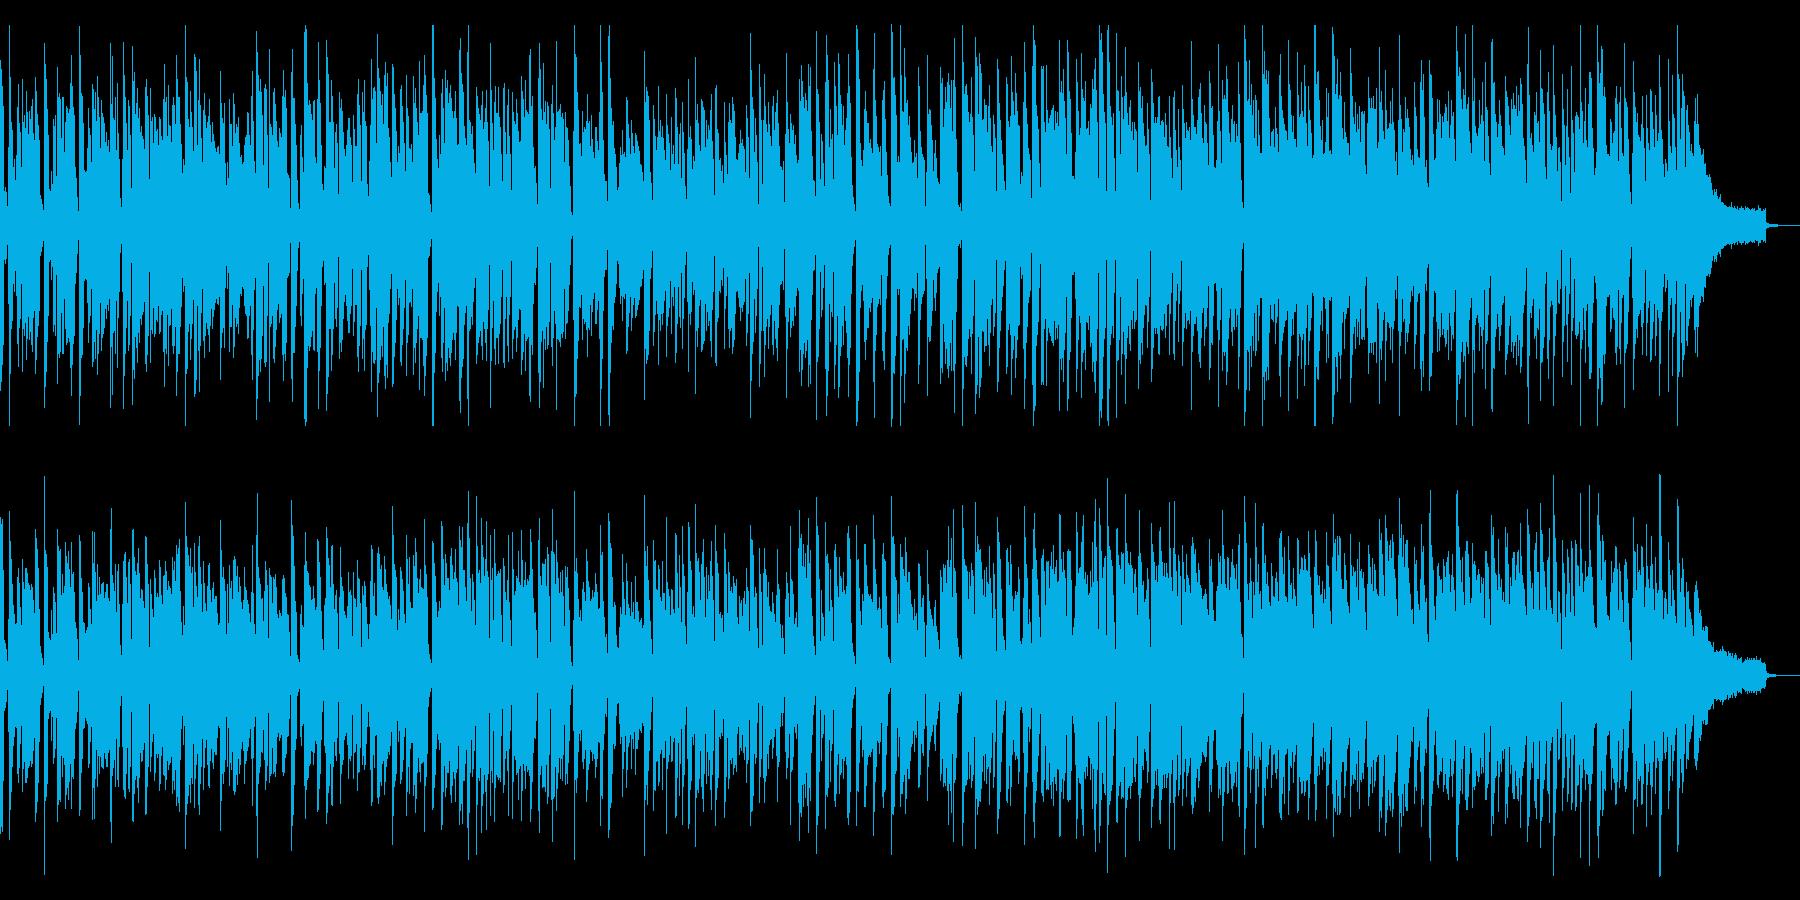 アップテンポのジャズ&ブルースピアノソロの再生済みの波形